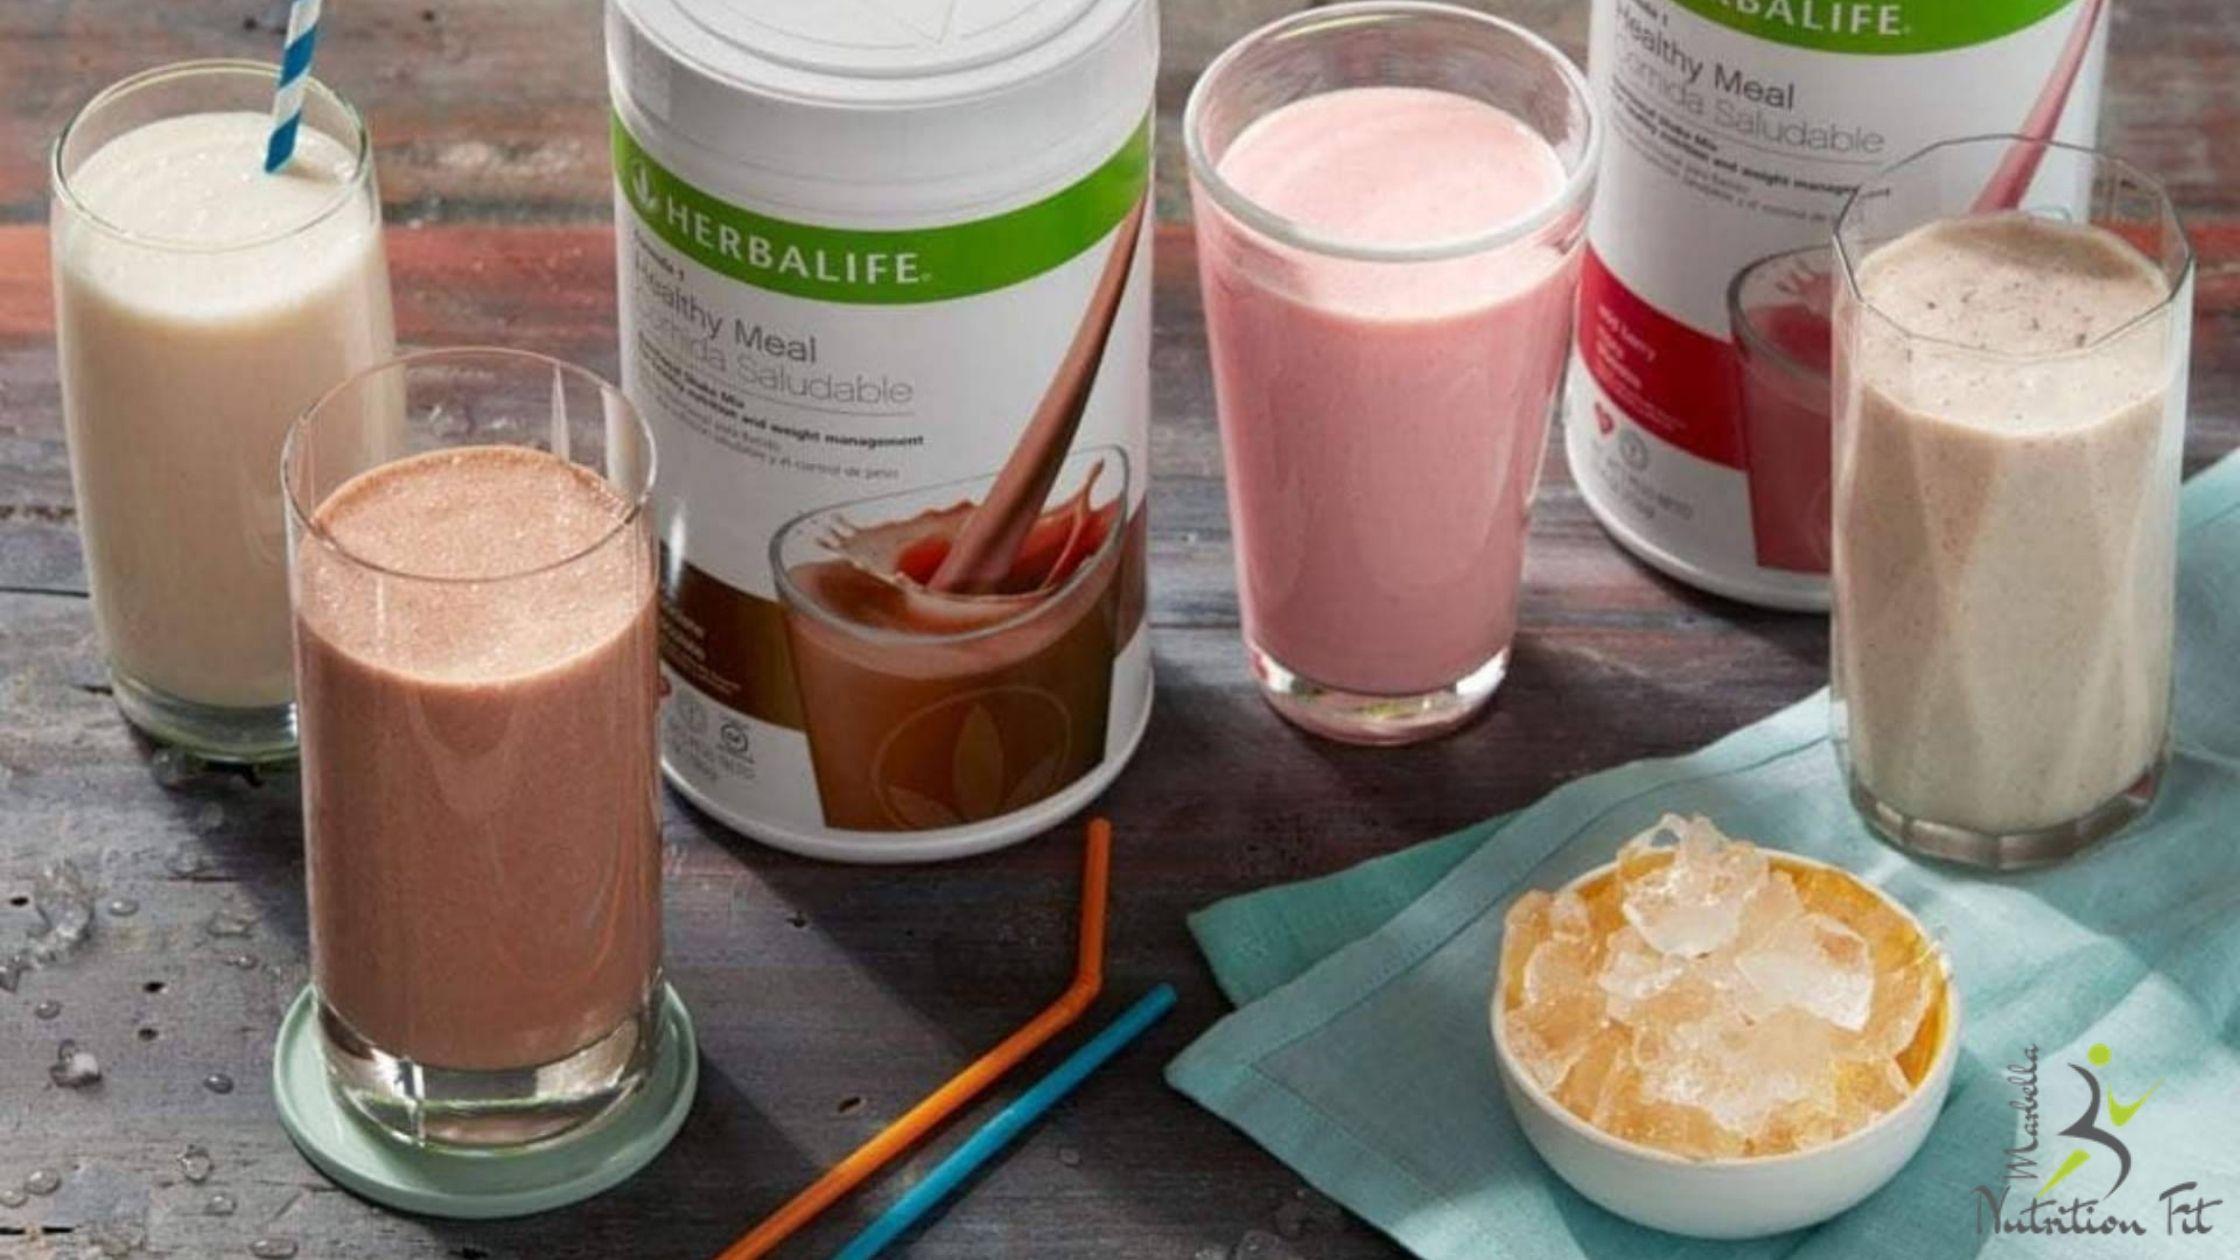 Bajar de peso es posible gracias a NutriFitMarbella y su paquete de prueba Herbalife